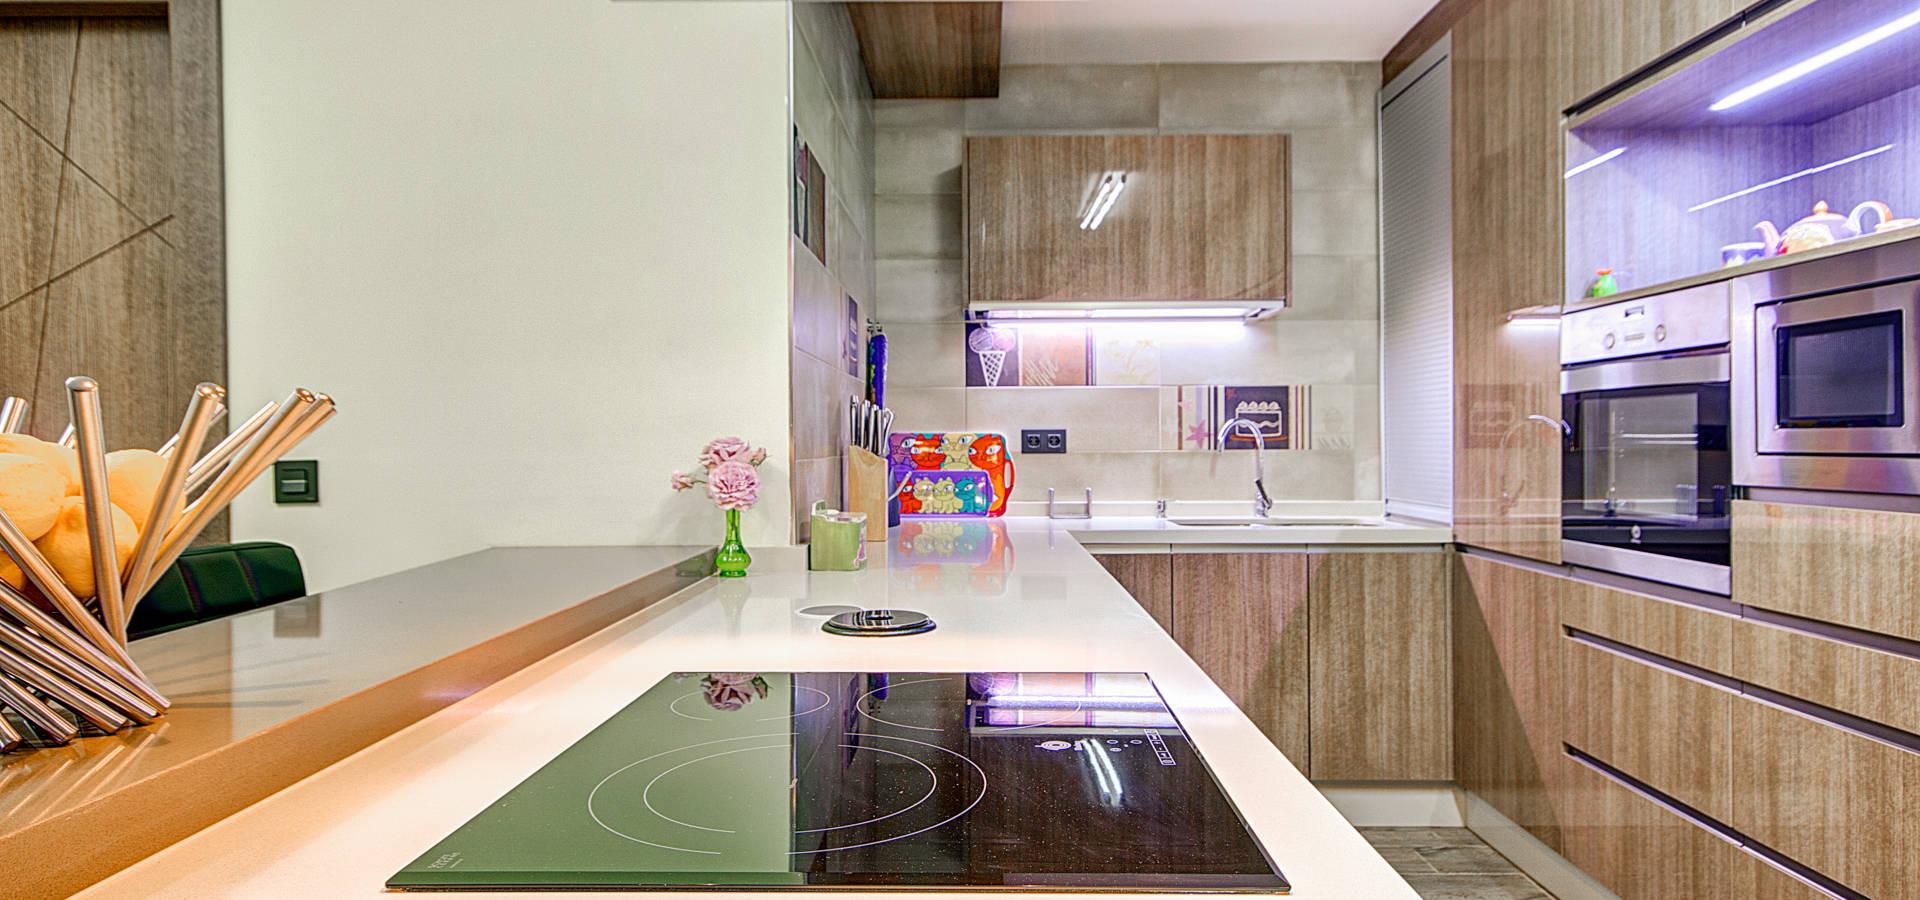 Cocinas castillo dise adores de cocinas en m laga homify - Disenadores de cocinas ...